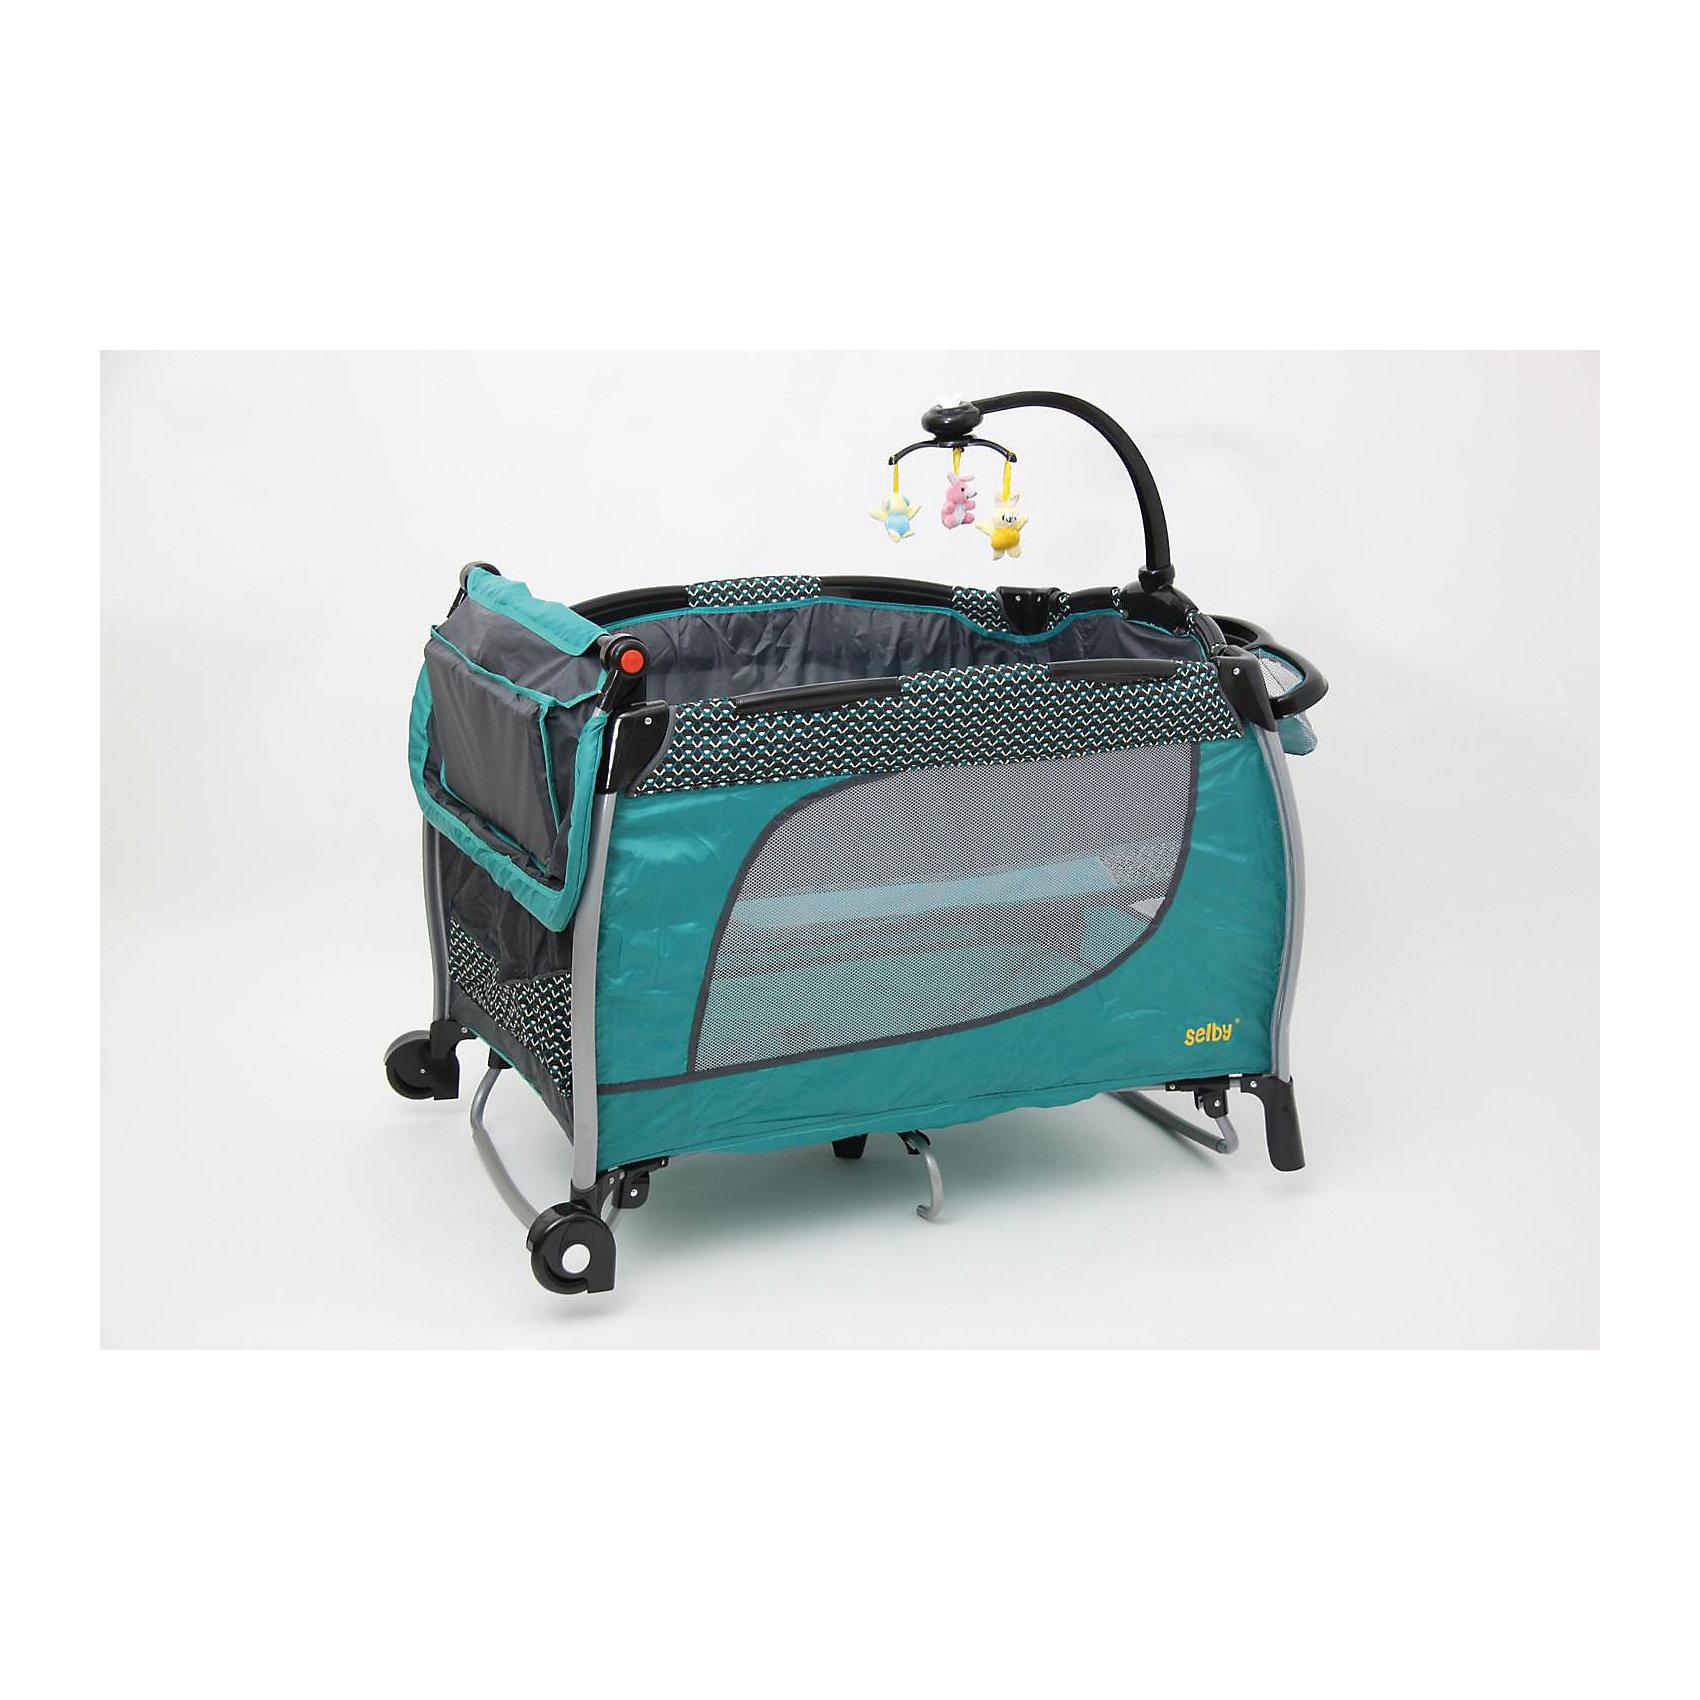 Манеж 213, Selby, бирюзовыйМанежи-кроватки<br>Характеристики товара:<br><br>• возраст с рождения;<br>• материал: пластик;<br>• 2 уровня высоты;<br>• в комплекте: манеж, сумка, мобиль с игрушками, съемный ящик, пеленальный столик;<br>• 2 колеса<br>• безопасные накладки на углах манежа<br>• карман для хранения мелочей<br>• манеж легко складывается<br>• на манеже устанавливается мобиль с игрушками<br>• стенки манежа из сетчатого материала<br>• размер манежа 110х76х77 см;<br>• вес упаковки 16,8 кг;<br>• страна производитель: Китай.<br><br>Манеж 213 Selby голубой сочетает в себе сразу 3 функции: манеж для игр, кроватка и пеленальный столик. Столик крепится на бортики манежа. Чтобы иметь все необходимые вещи под рукой, для мамы имеется удобный съемный органайзер для мелочей. У манежа 2 уровня высоты: для новорожденного используется верхний уровень, а для детей постарше нижний уровень. <br><br>На манеж устанавливается мобиль с подвесными игрушками, которые малыш может рассматривать, трогать, хватать, что поспособствует развитию мелкой моторики рук, хватательного рефлекса, зрительного восприятия. Стенки манежа выполнены из сетчатого материала, который обеспечивает хороший воздухообмен. 2 колесика облегчают перемещение по квартире. Углы манежа закрыты пластиковыми накладками, чтобы избежать случайных травм. <br><br>Конструкция отличается хорошей устойчивостью благодаря дополнительным ножкам по центру. Манеж можно использовать не только дома, но и брать с собой в поездку или на дачу, так как он легко складывается. Для его транспортировки имеется удобная сумка.<br><br>Манеж 213 Selby голубой можно приобрести в нашем интернет-магазине.<br><br>Ширина мм: 1070<br>Глубина мм: 800<br>Высота мм: 770<br>Вес г: 16800<br>Возраст от месяцев: 0<br>Возраст до месяцев: 36<br>Пол: Унисекс<br>Возраст: Детский<br>SKU: 5610149